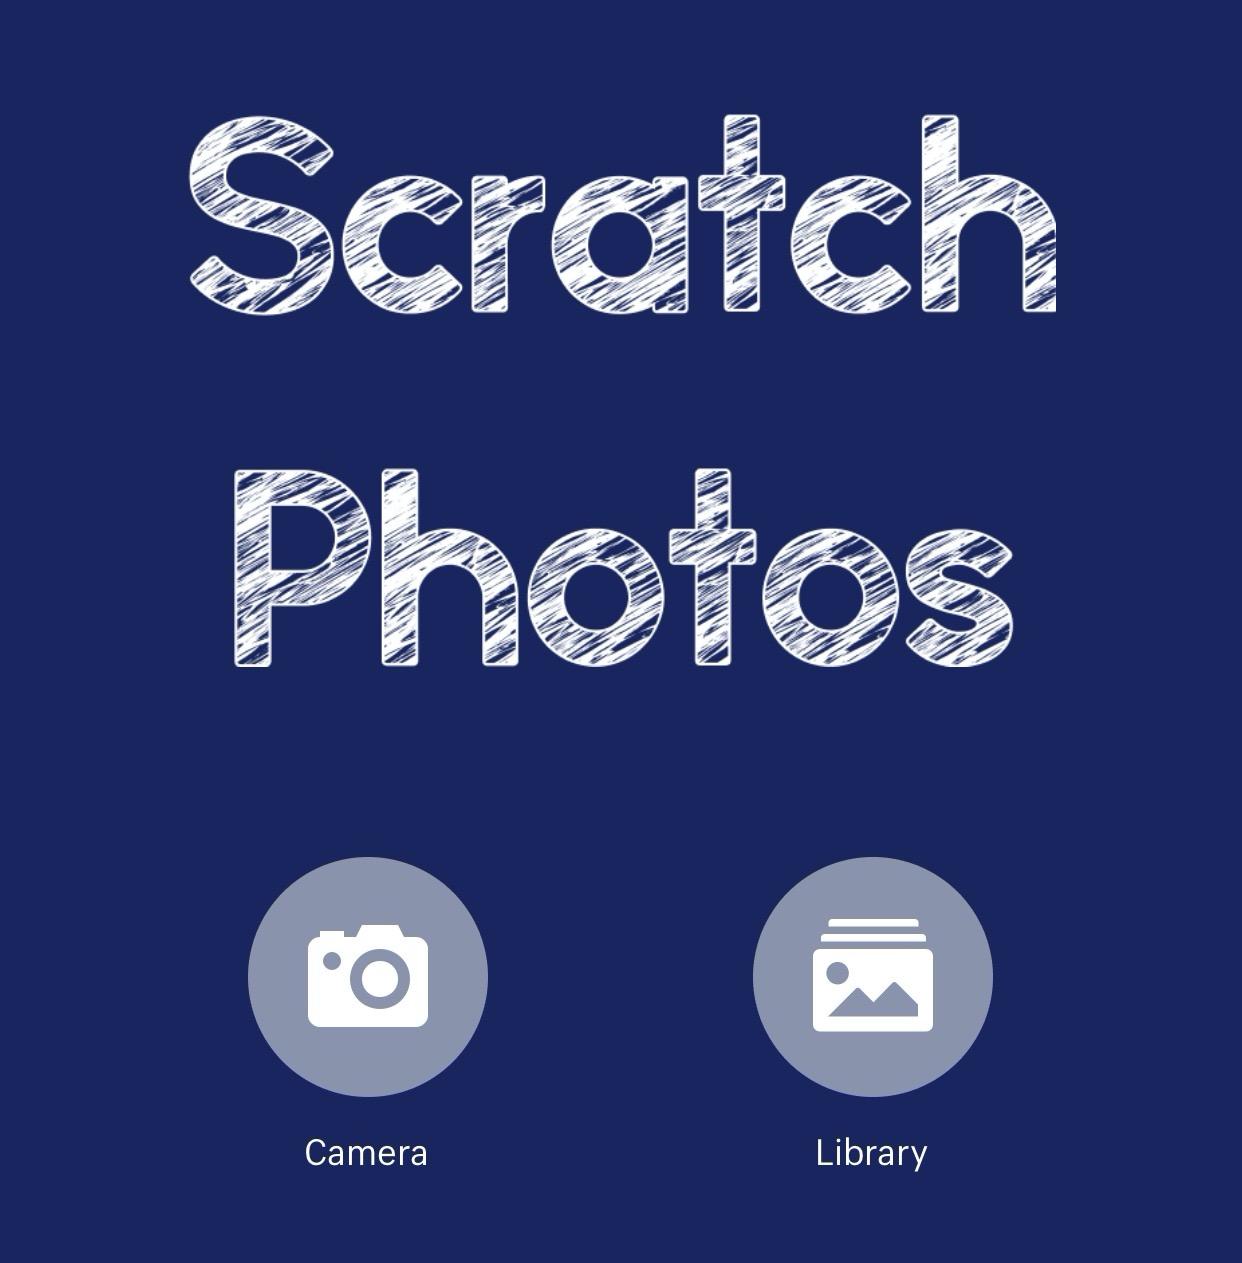 すっぽり抜ける!Shopifyがリリースした画像の背景削除アプリ「Scratch Photos」が優秀&簡単で捗る